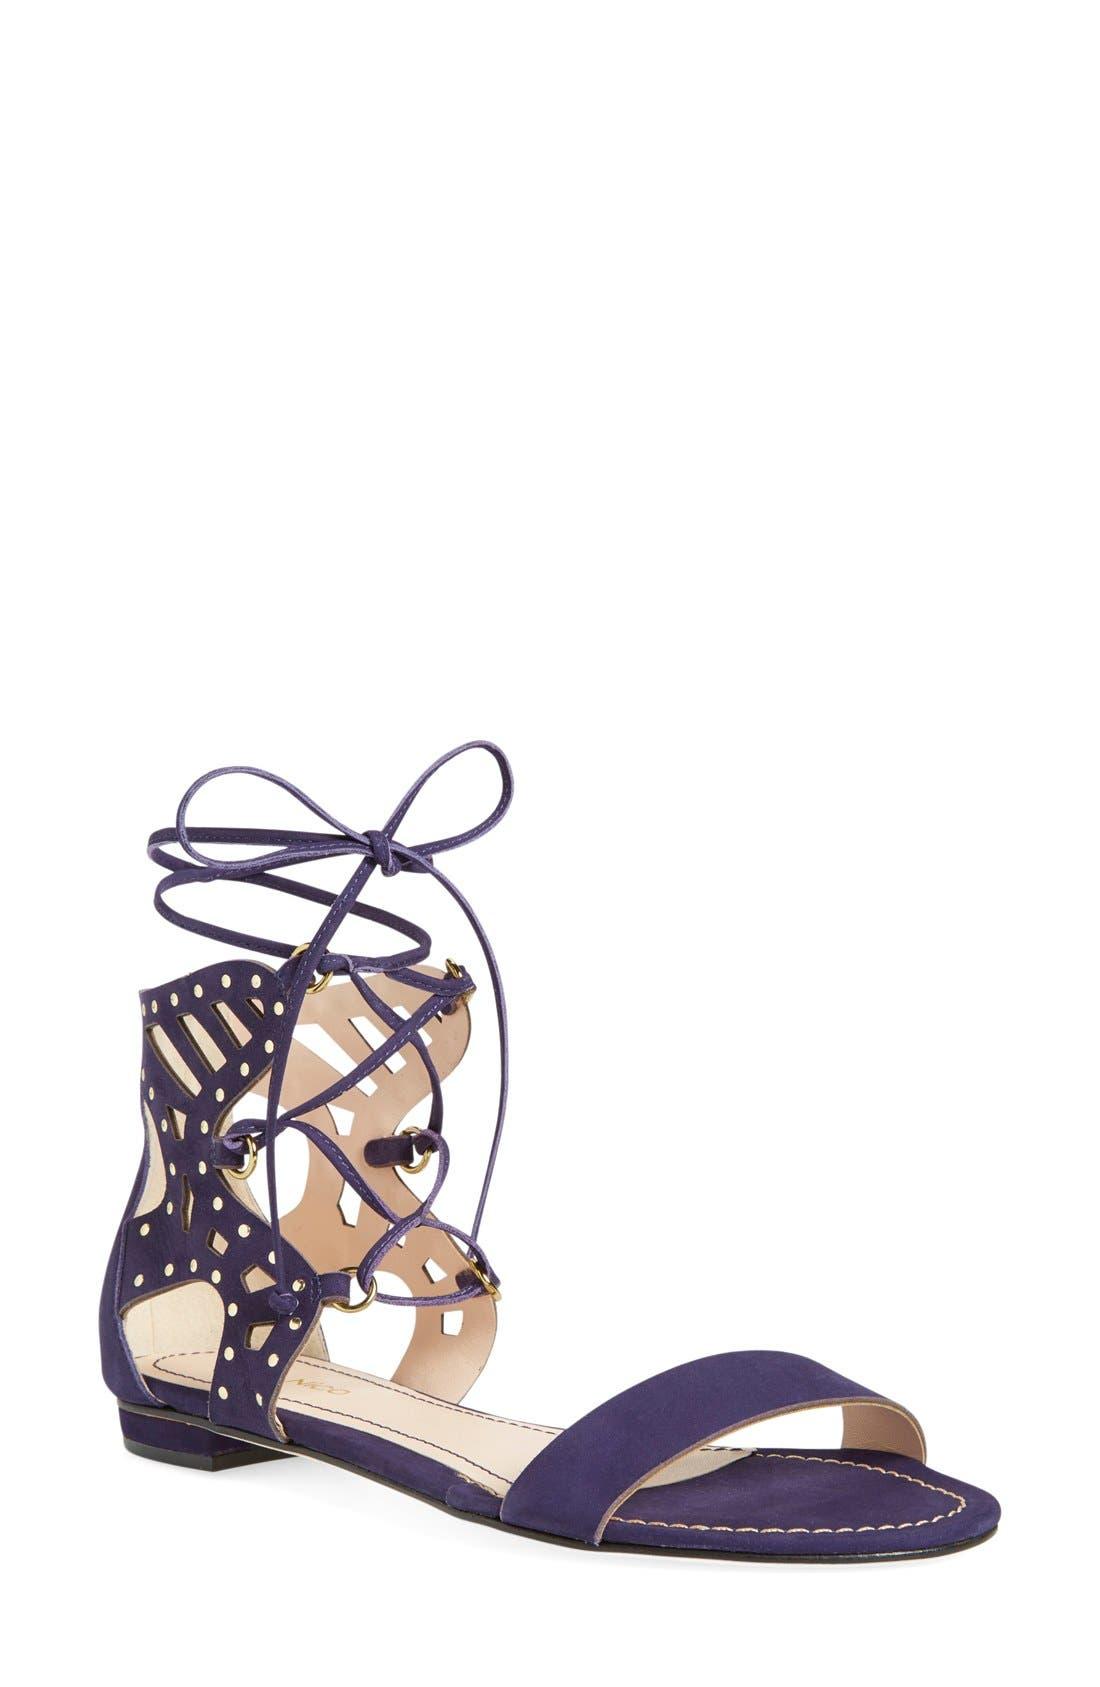 Main Image - Klub Nico 'Jae' Gladiator Sandal (Women)